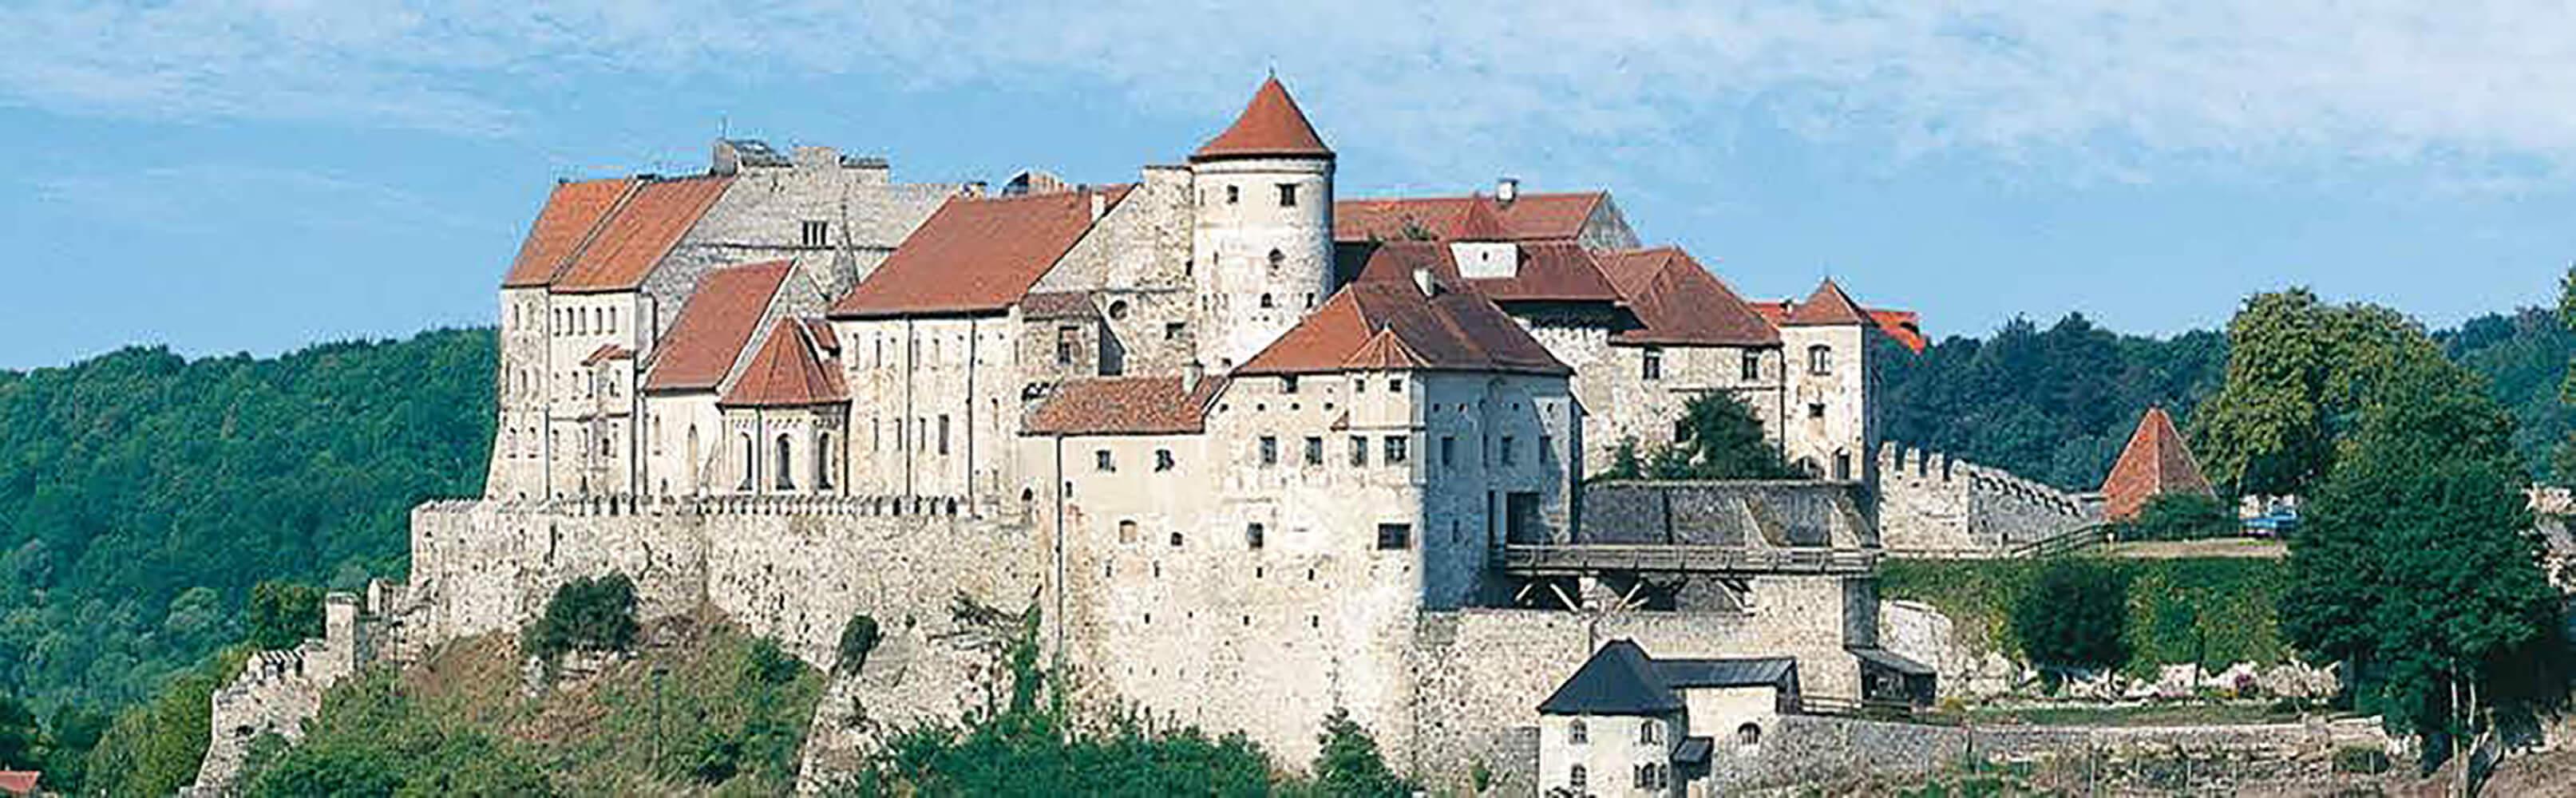 In Burghausen die längste Burganlage der Welt erkunden 1